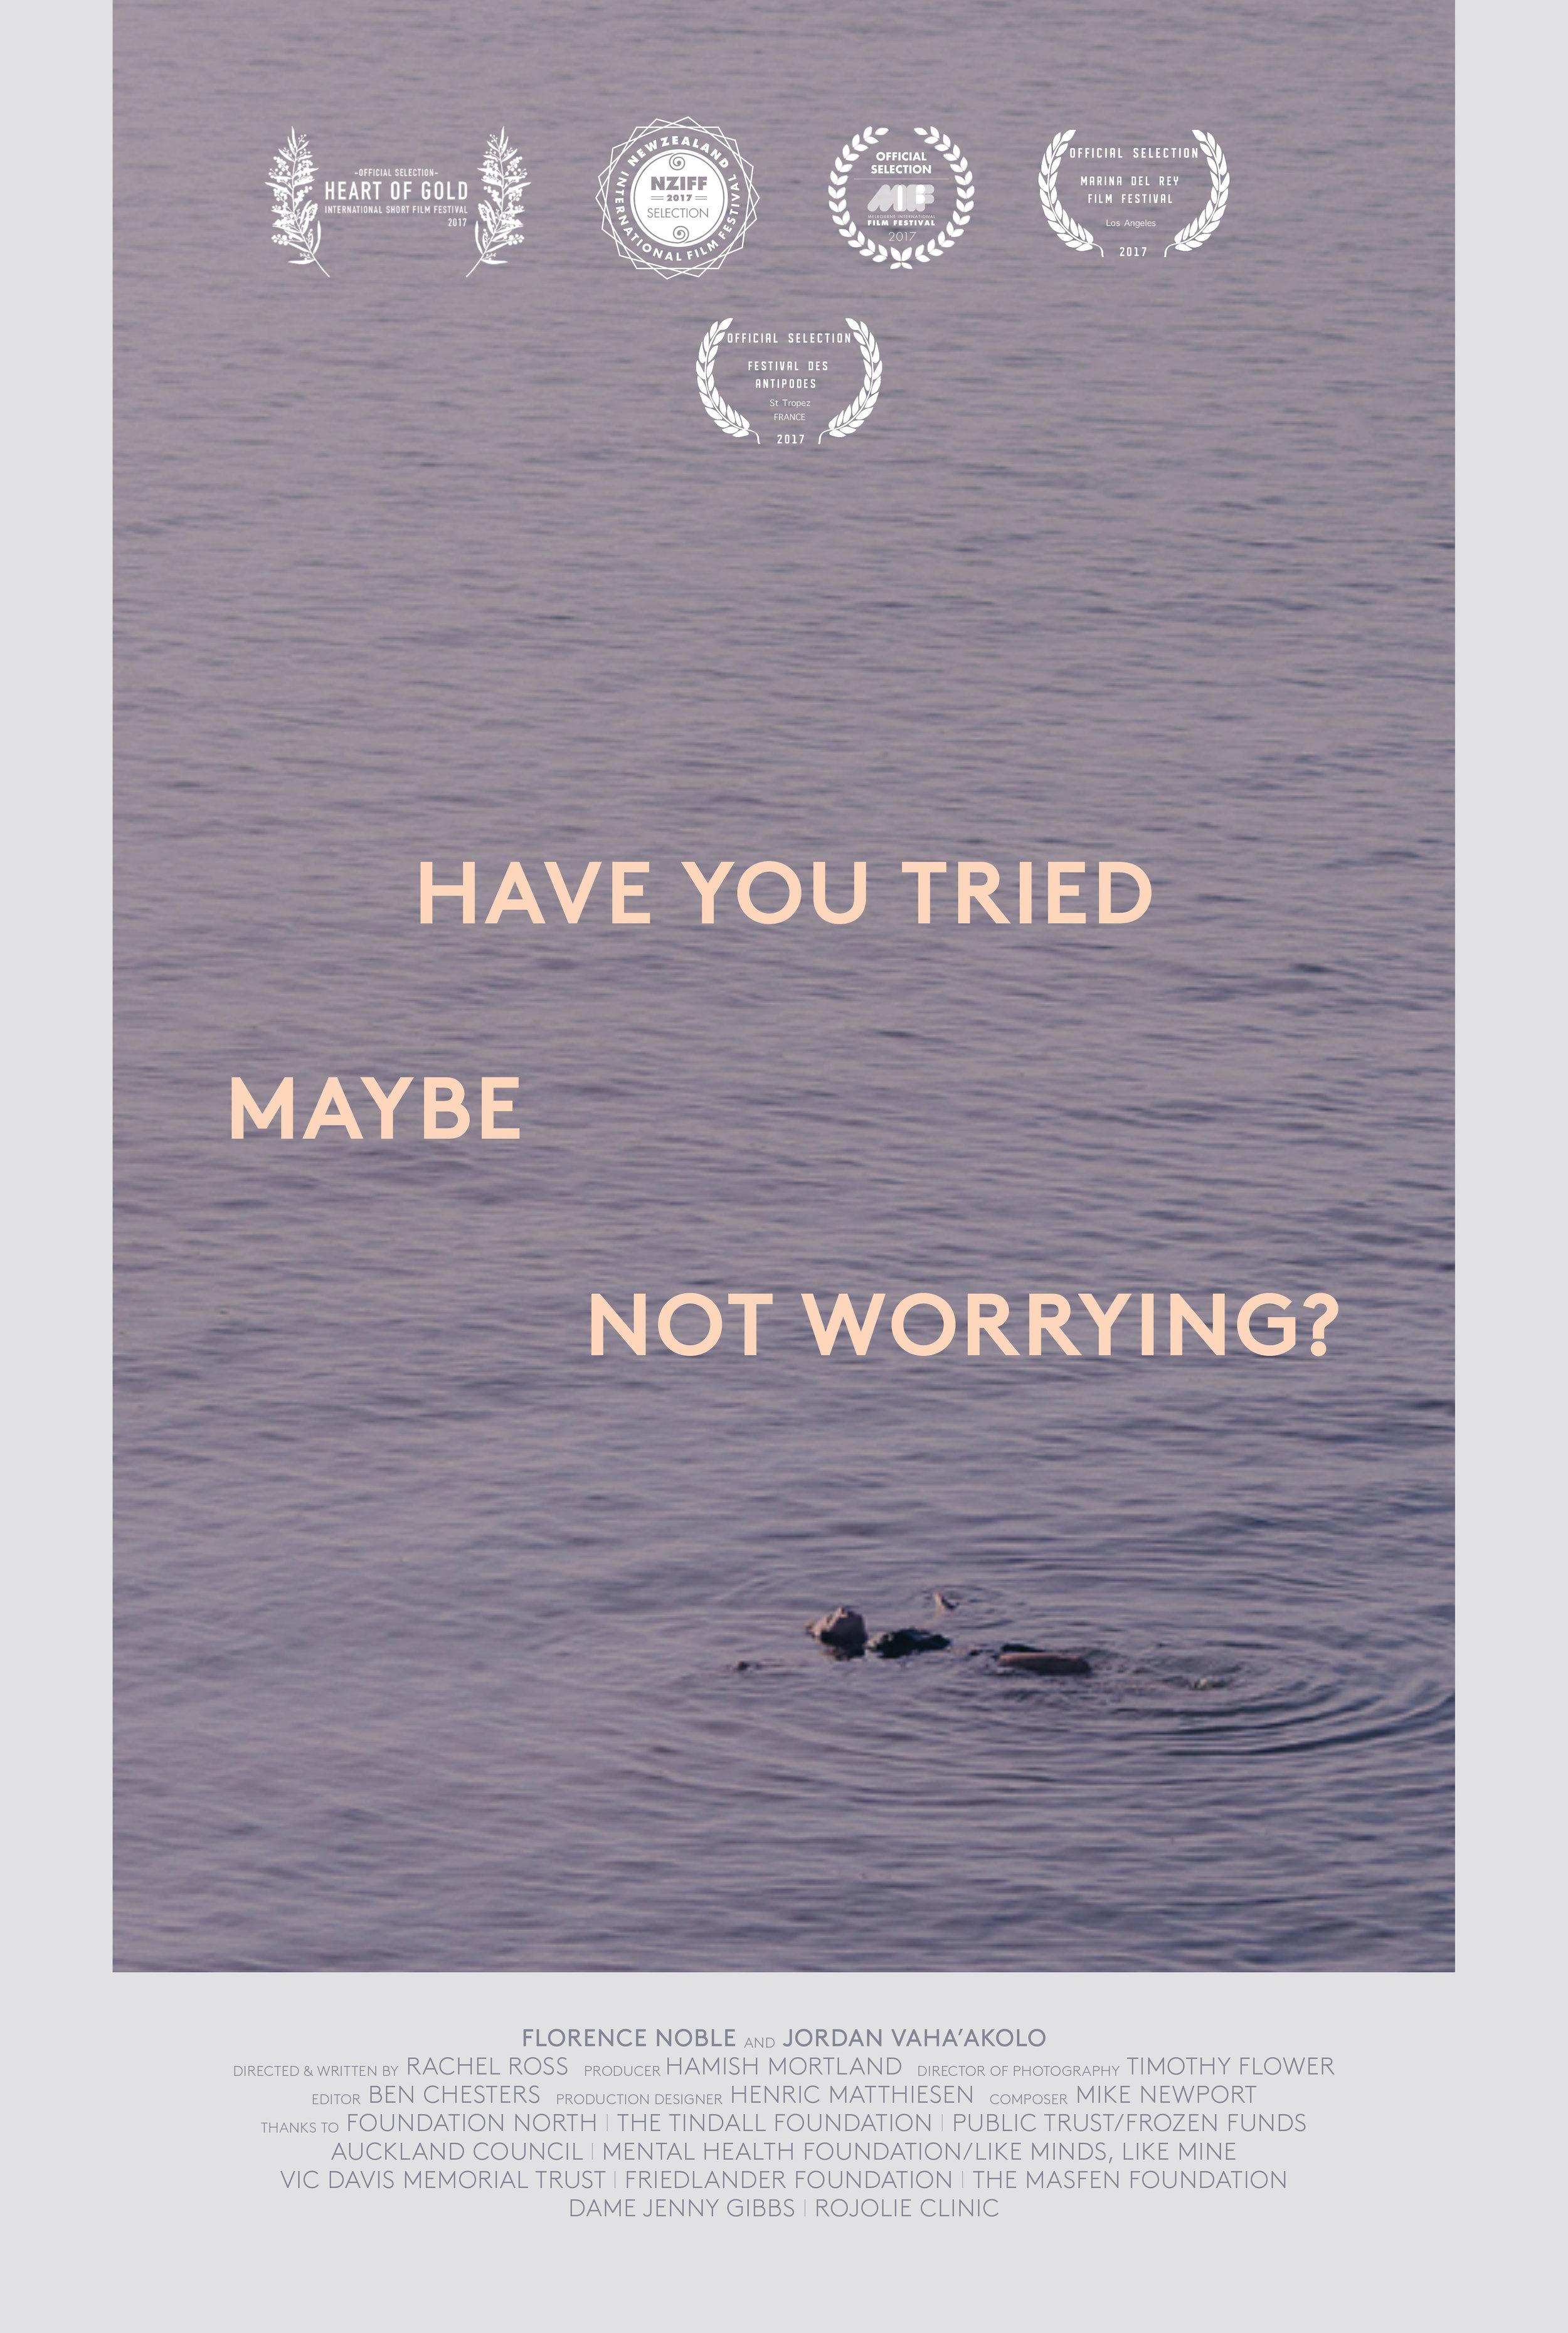 HYTMNW Poster 2.jpg